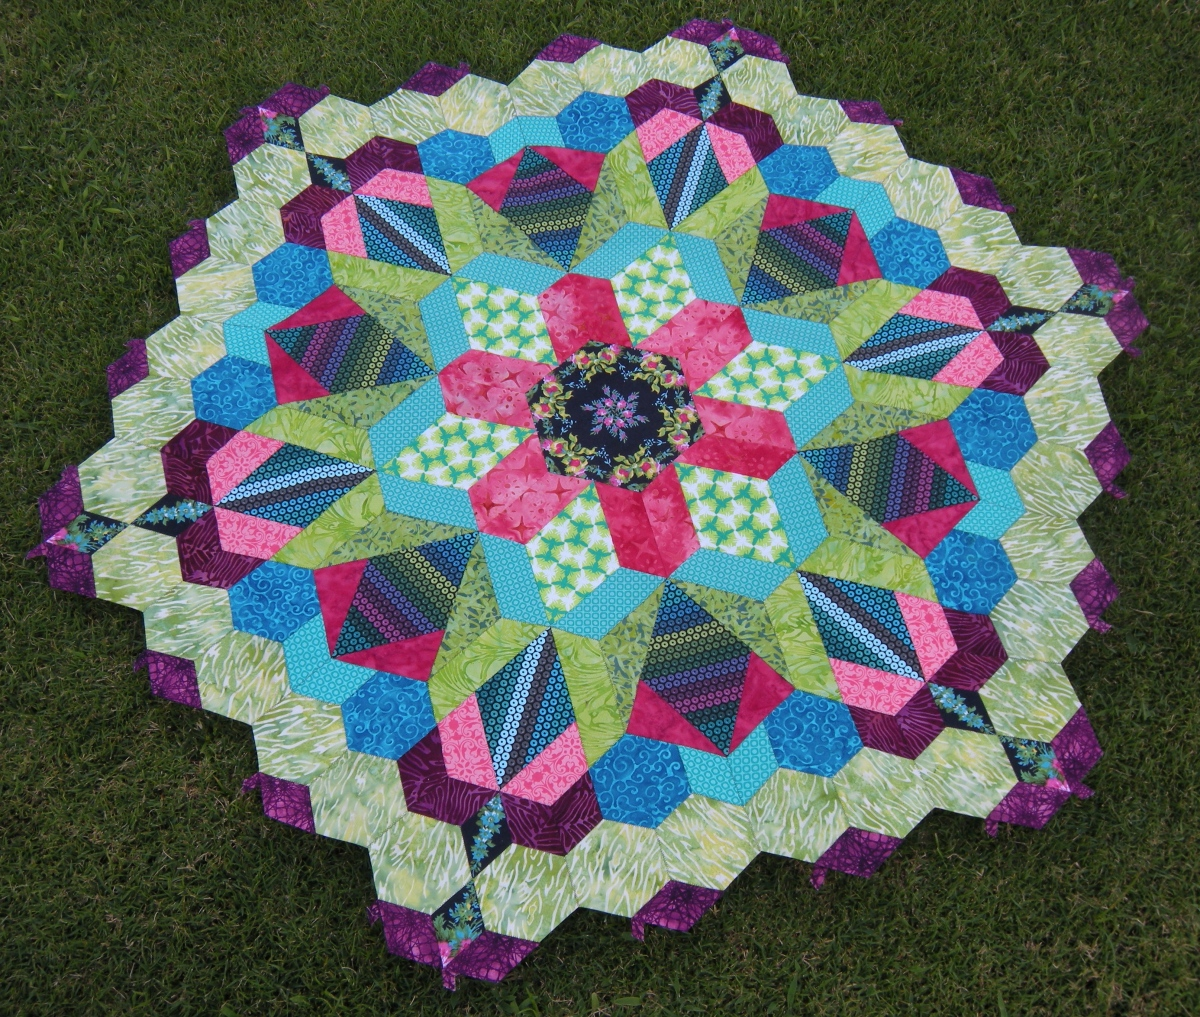 Machine Stitching The New Hexagon Millefiore Quilt